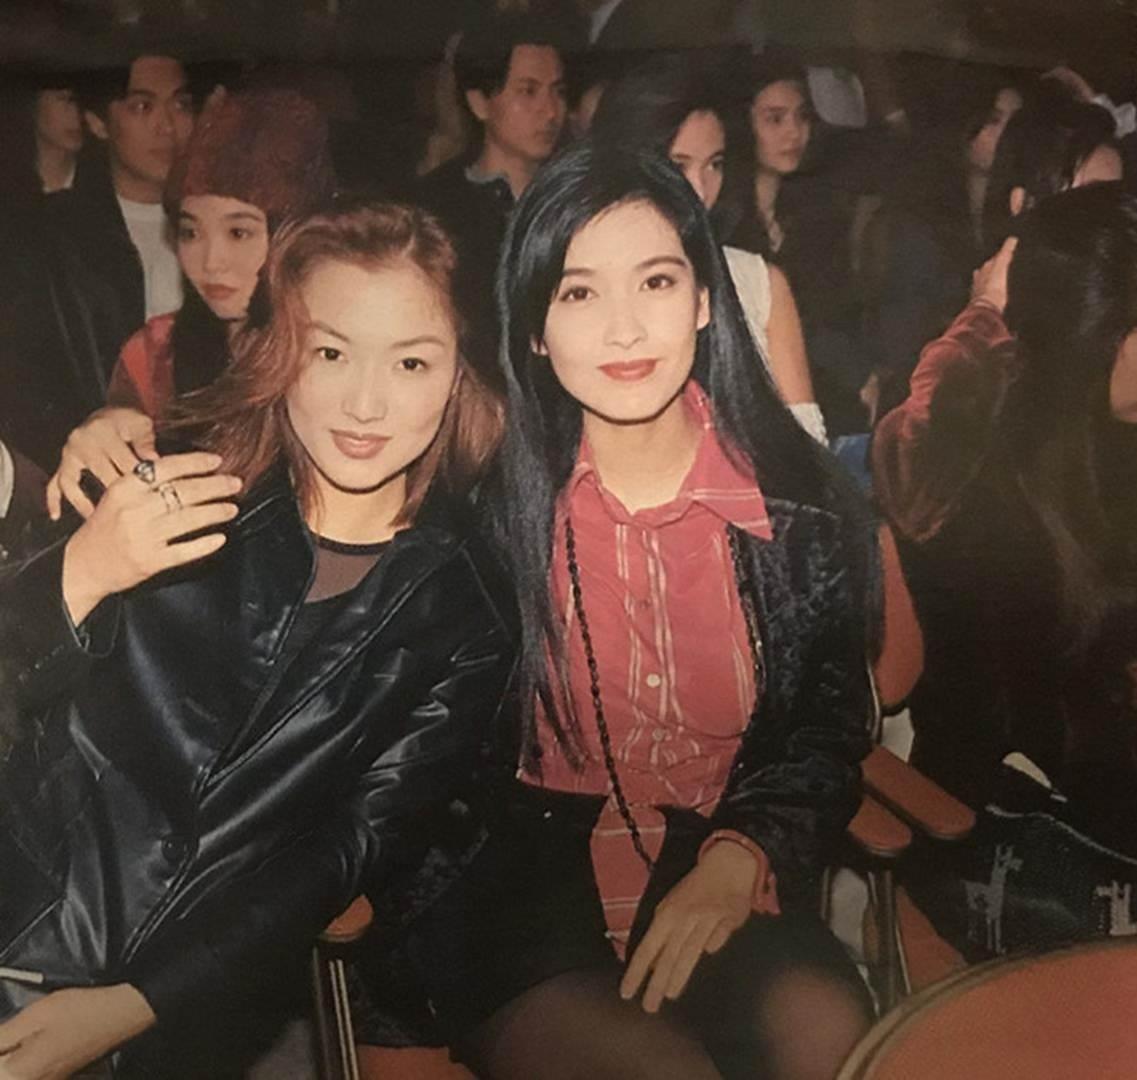 Châu Huệ Mẫn chia sẻ ảnh hiếm chụp cùng Trương Vệ Kiện, Châu Tinh Trì-9